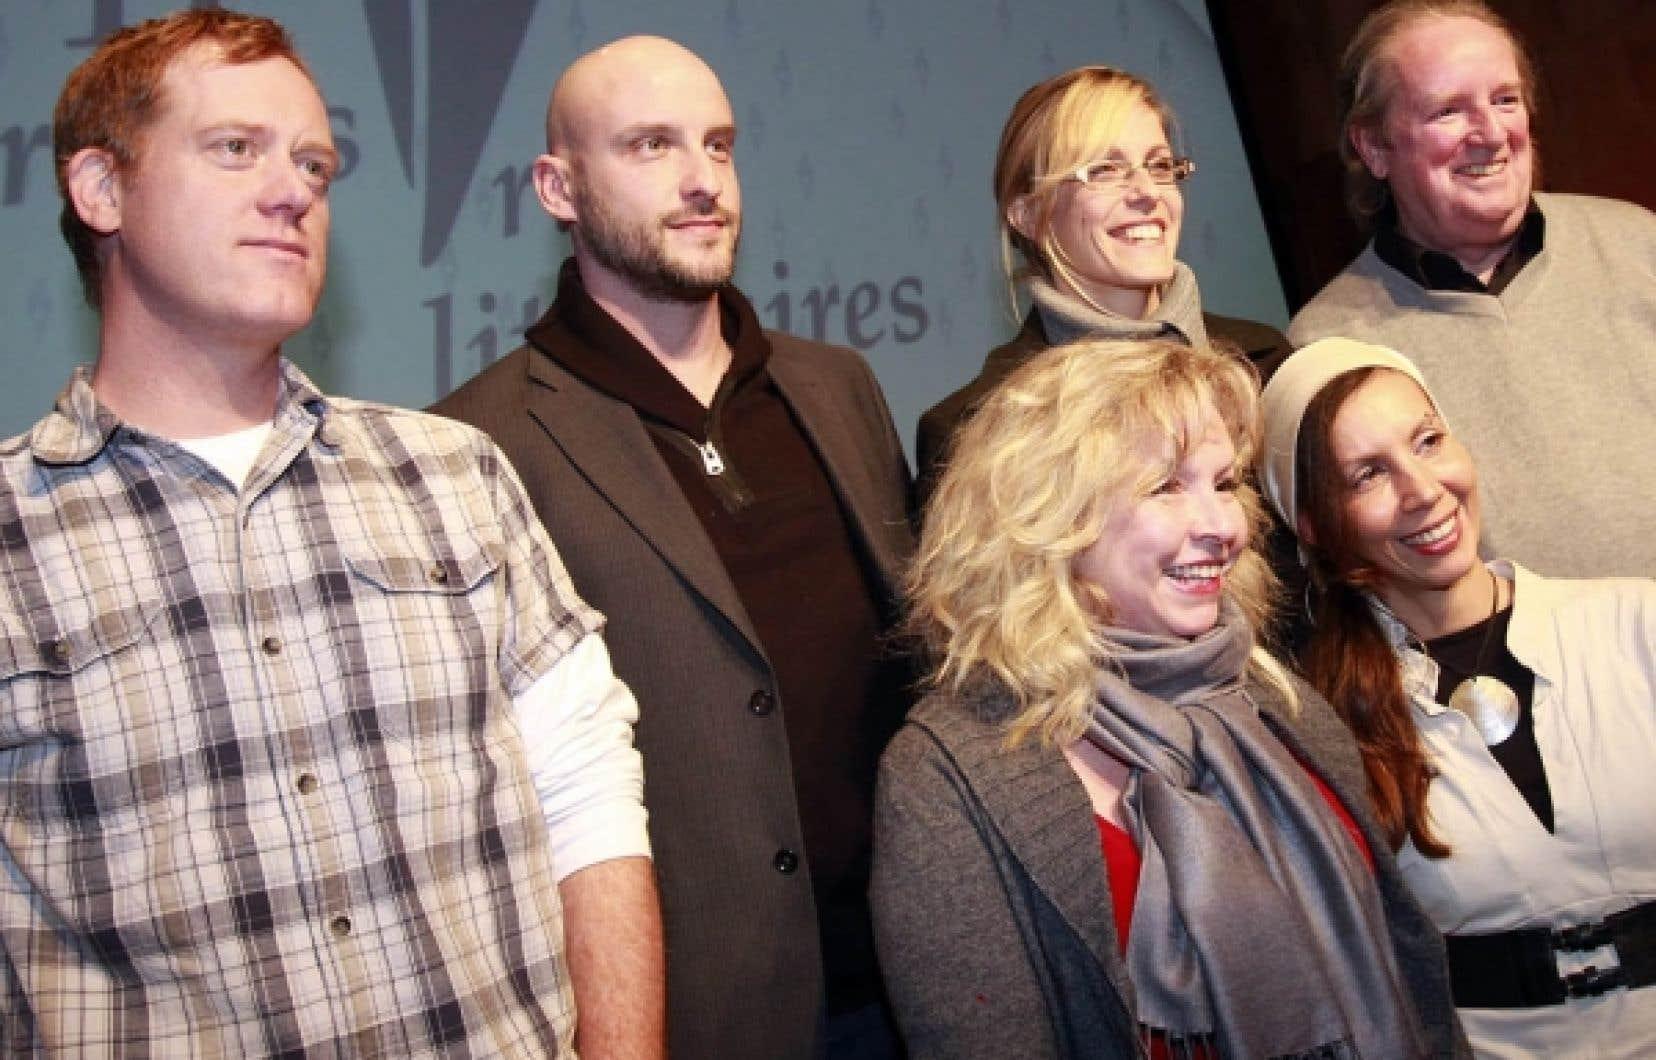 Les auteurs Marc Séguin, Martin Michaud, Marie-Renée Lavoie, Guy Martin, Geneviève Lefebvre et Bïa Krieger sont parmi les finalistes aux Grands Prix littéraires Archambault.<br />